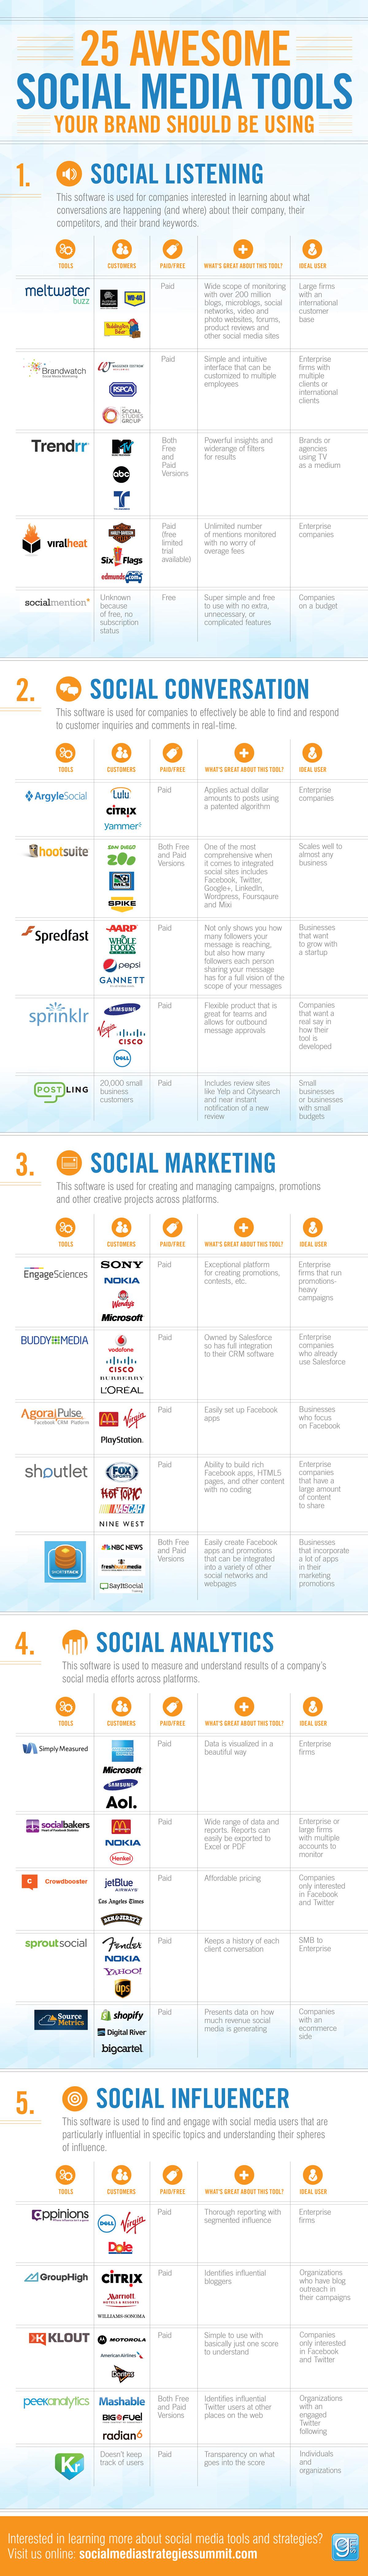 25 SocialMediaTools